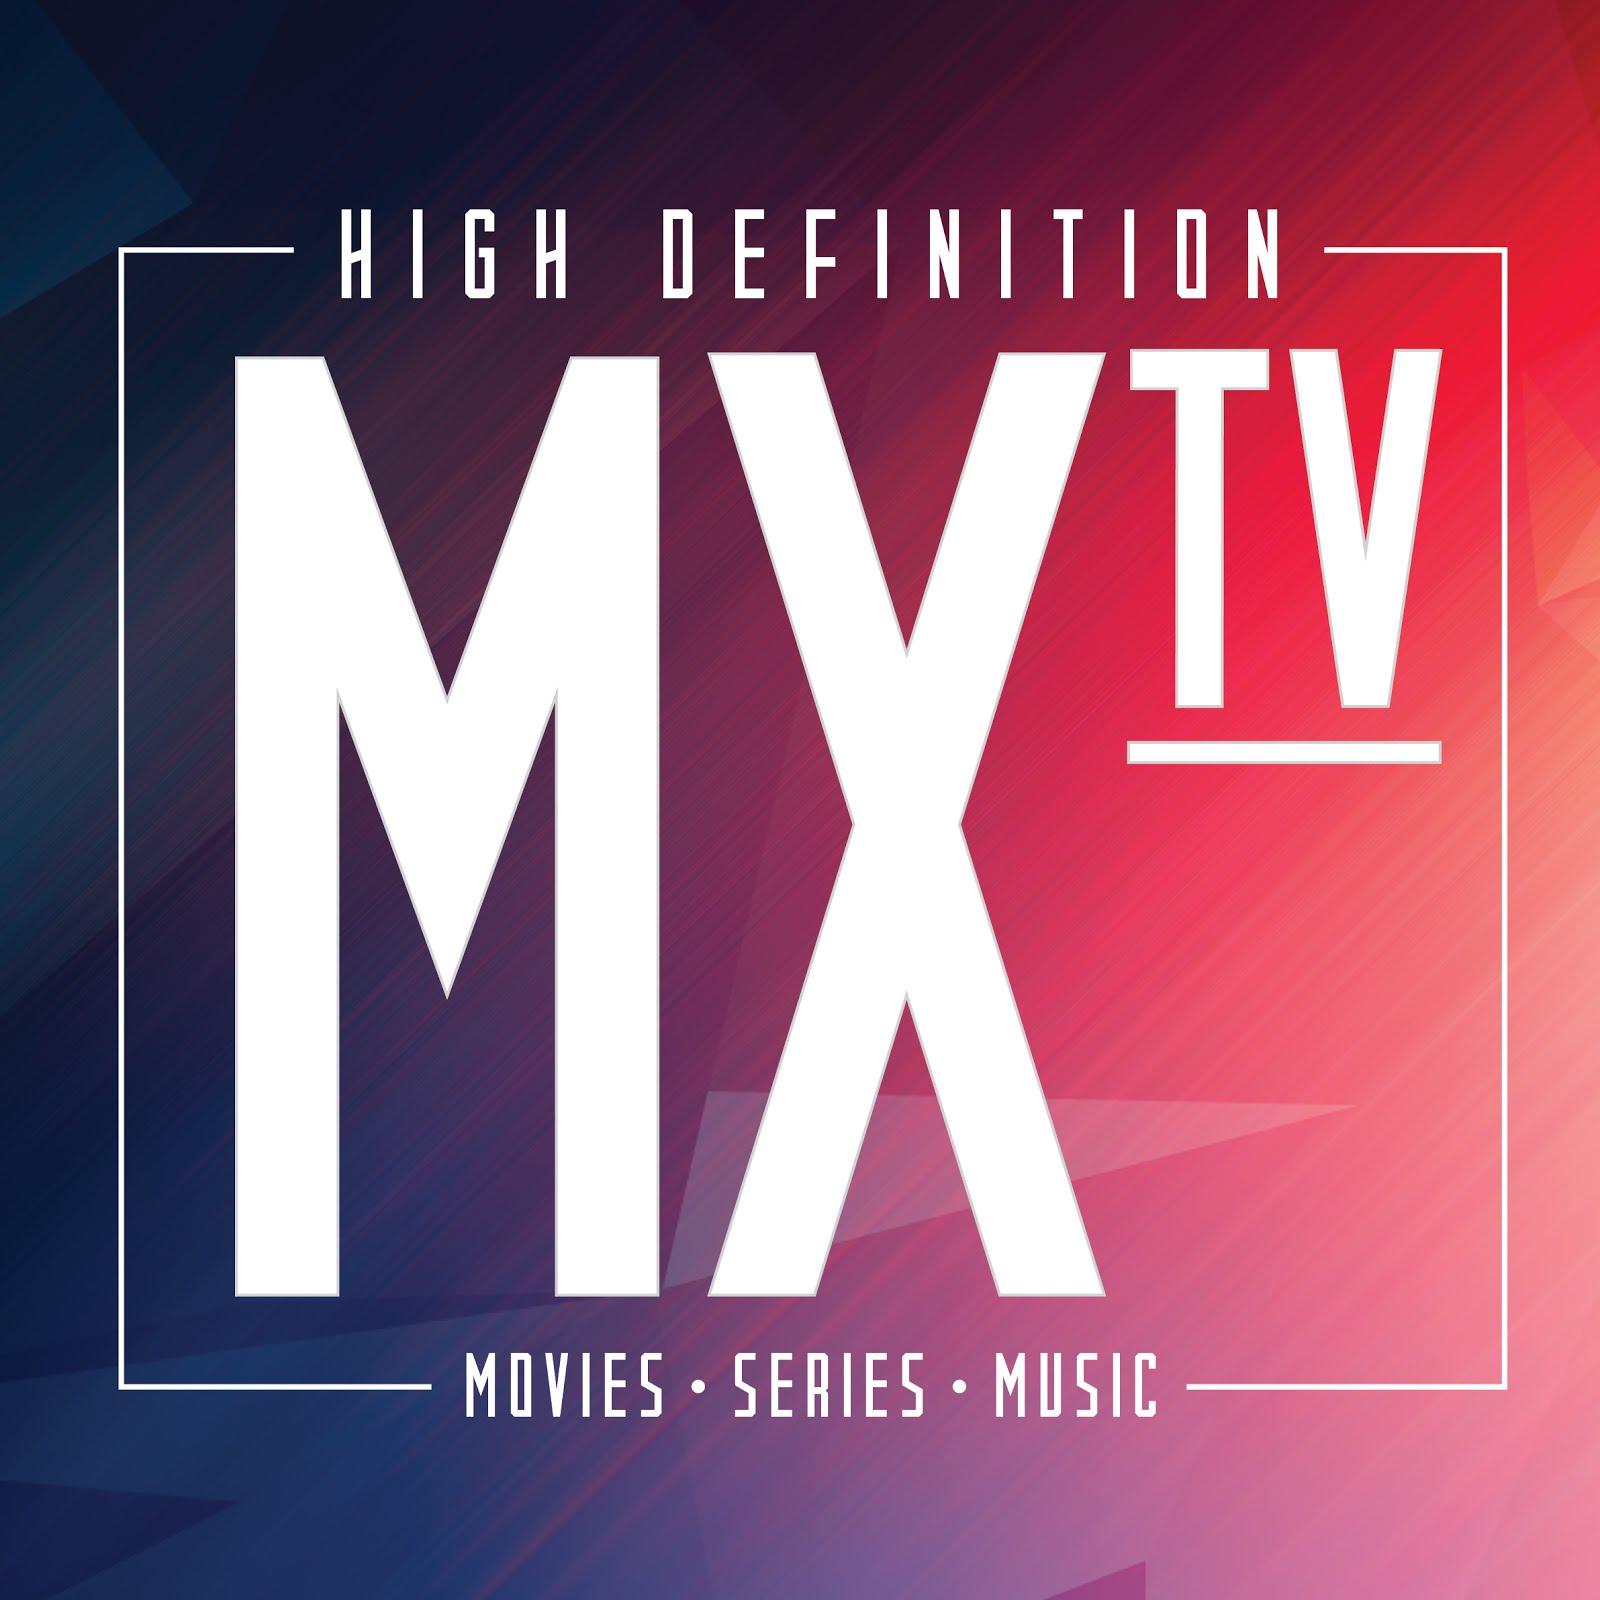 Entra y Conoce Memphix TV